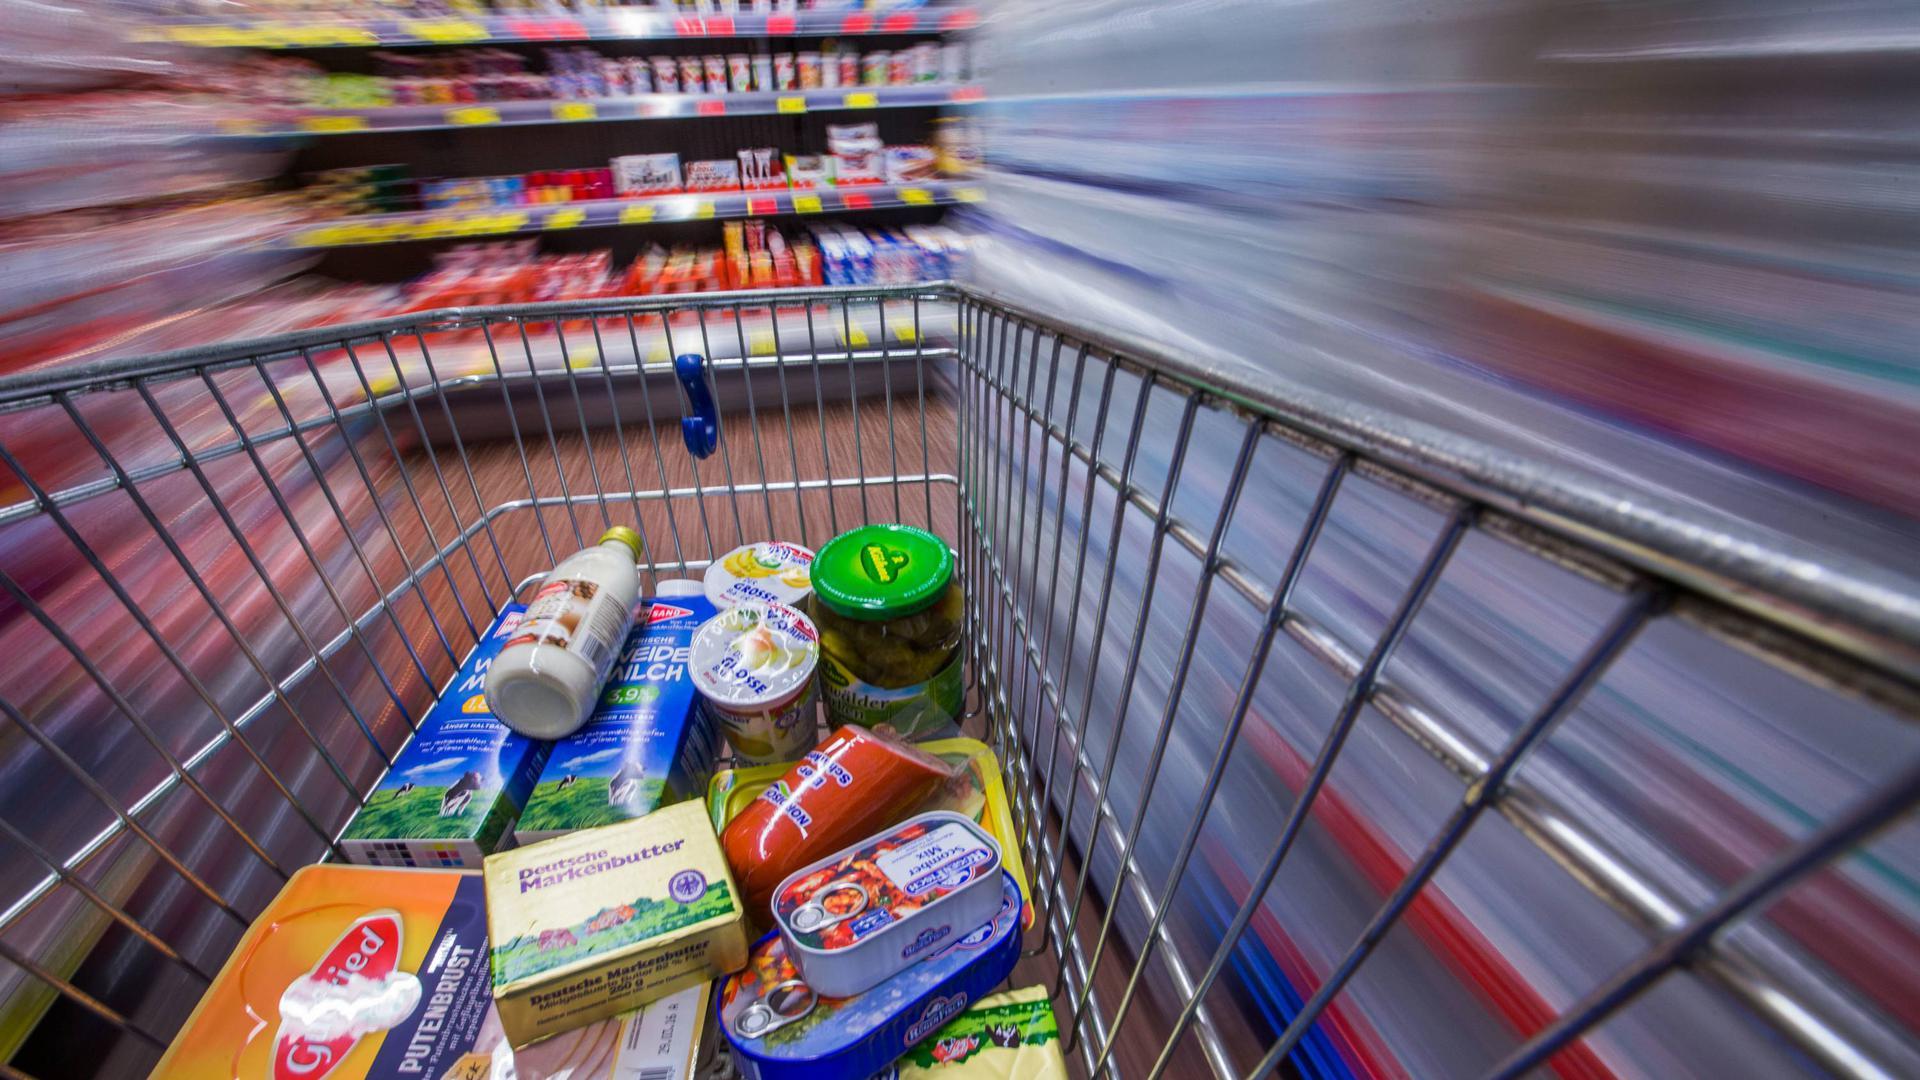 Lebensmittel liegen in einem Markt in einen Einkaufswagen.